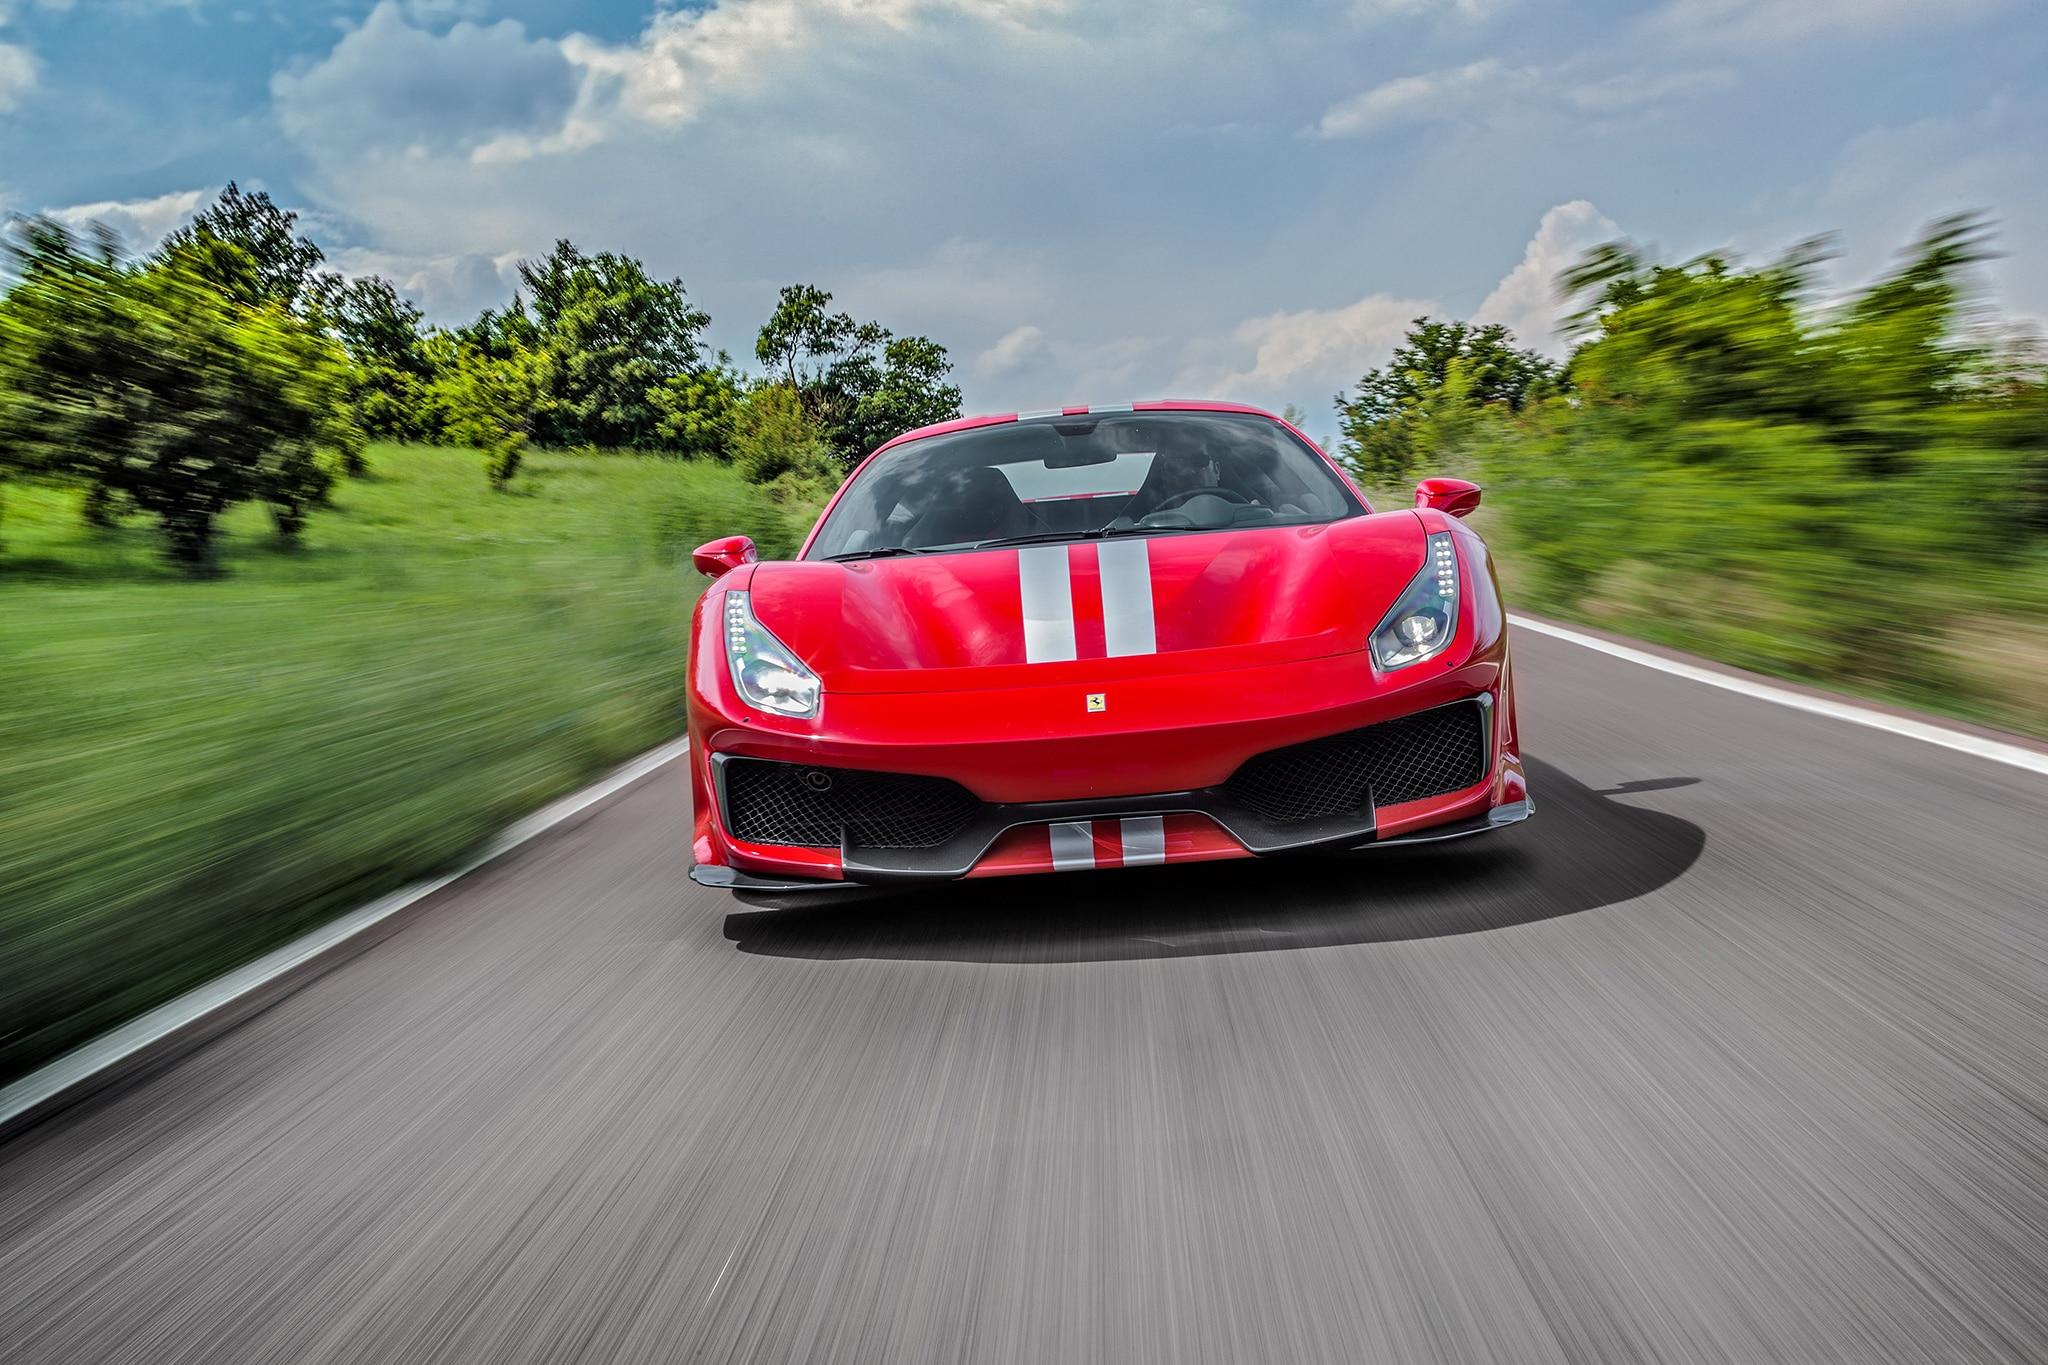 2019 New And Future Cars: Ferrari 488 Pista